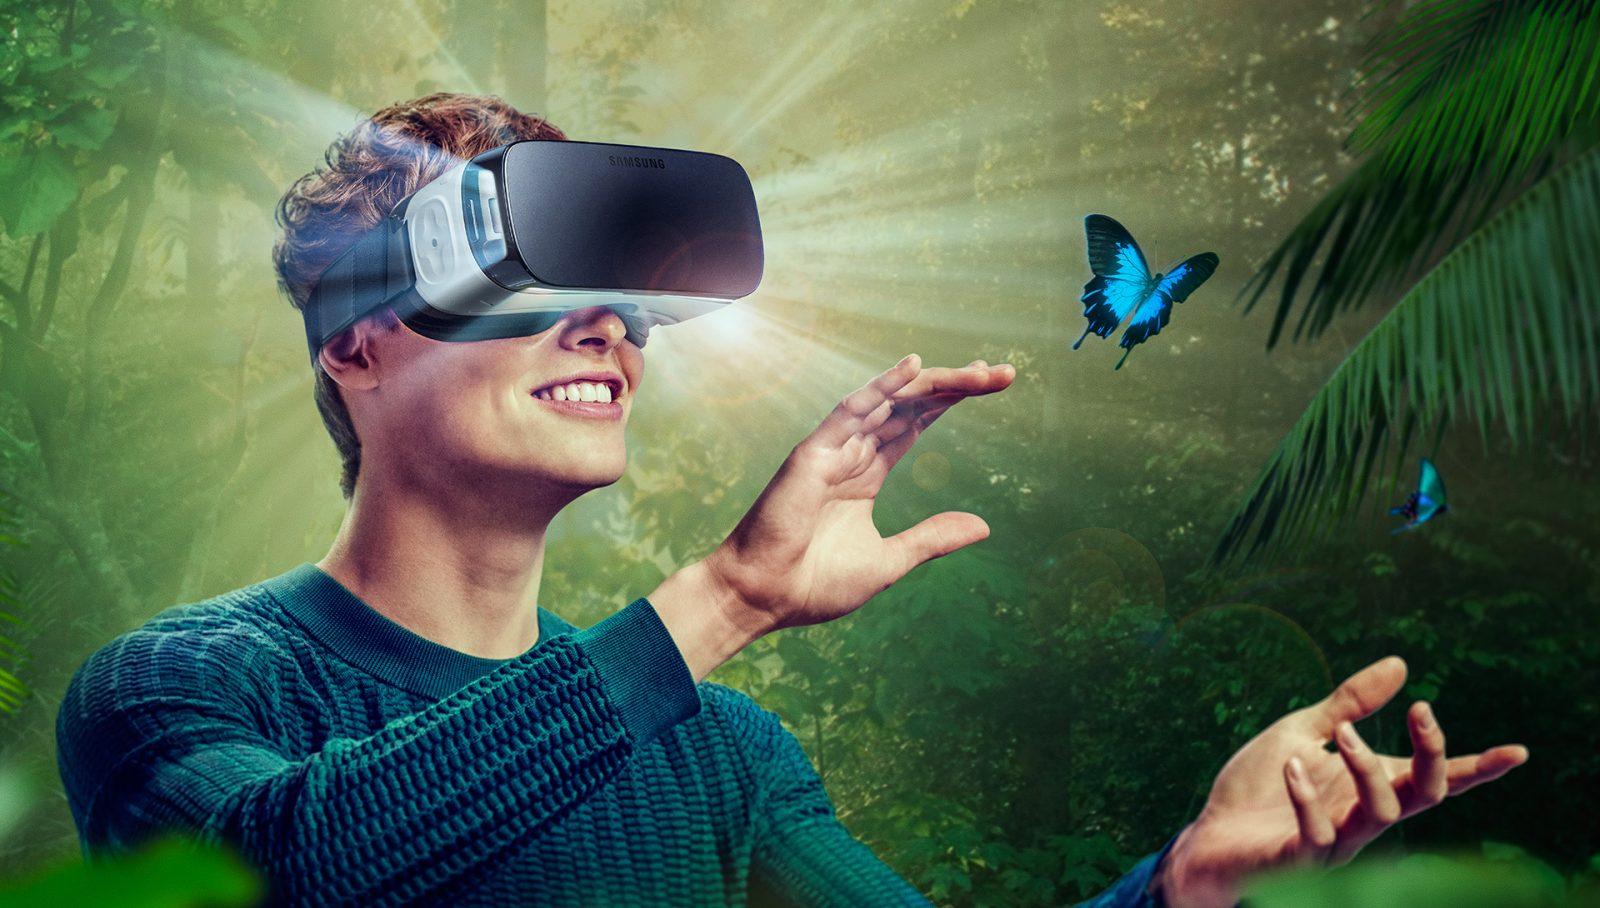 Приложения для Samsung Gear VR.